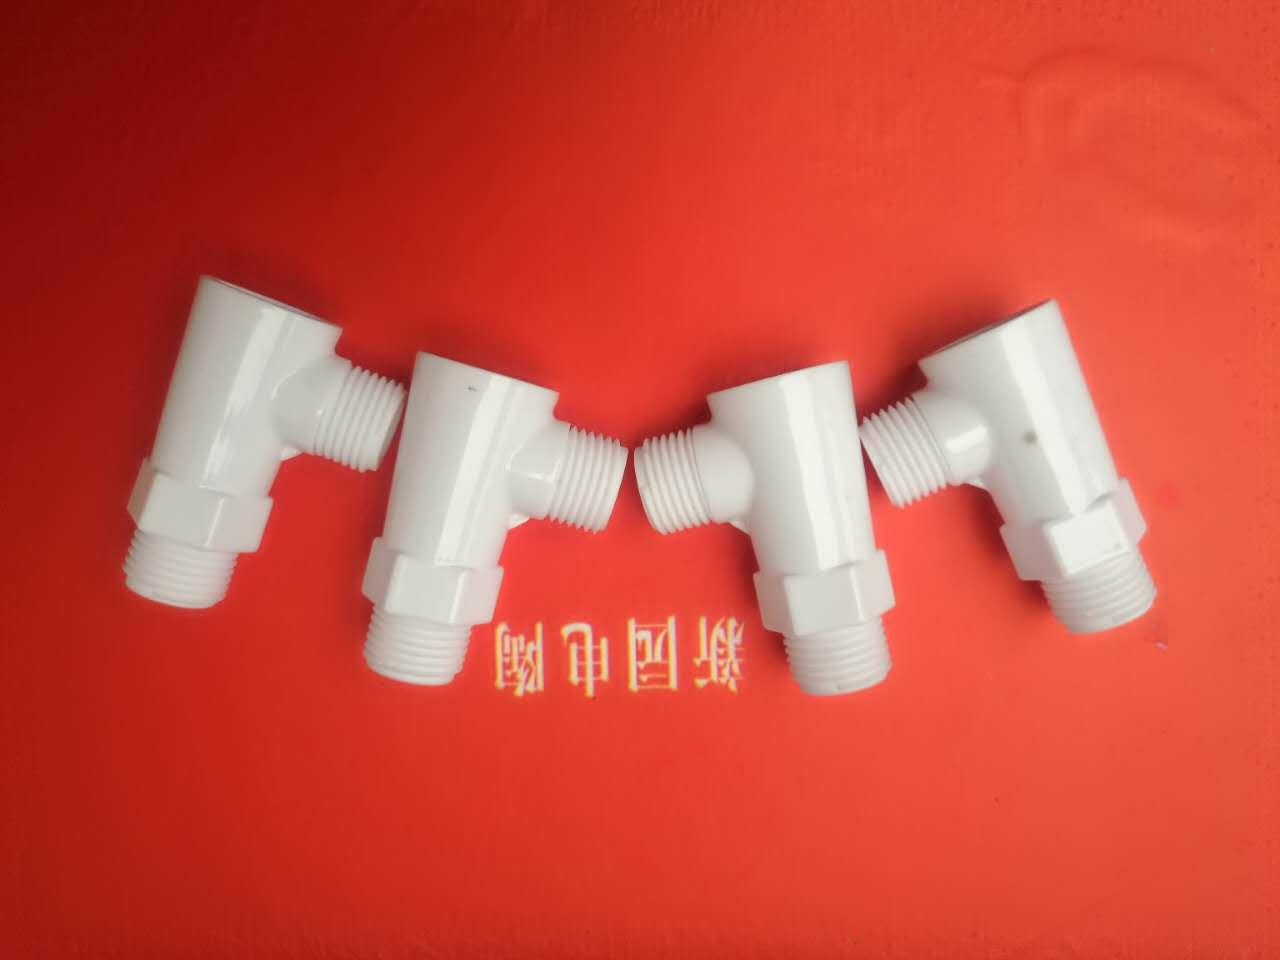 陶瓷水龙头壳体代理_为您推荐新园电子陶瓷有品质的陶瓷水龙头壳体